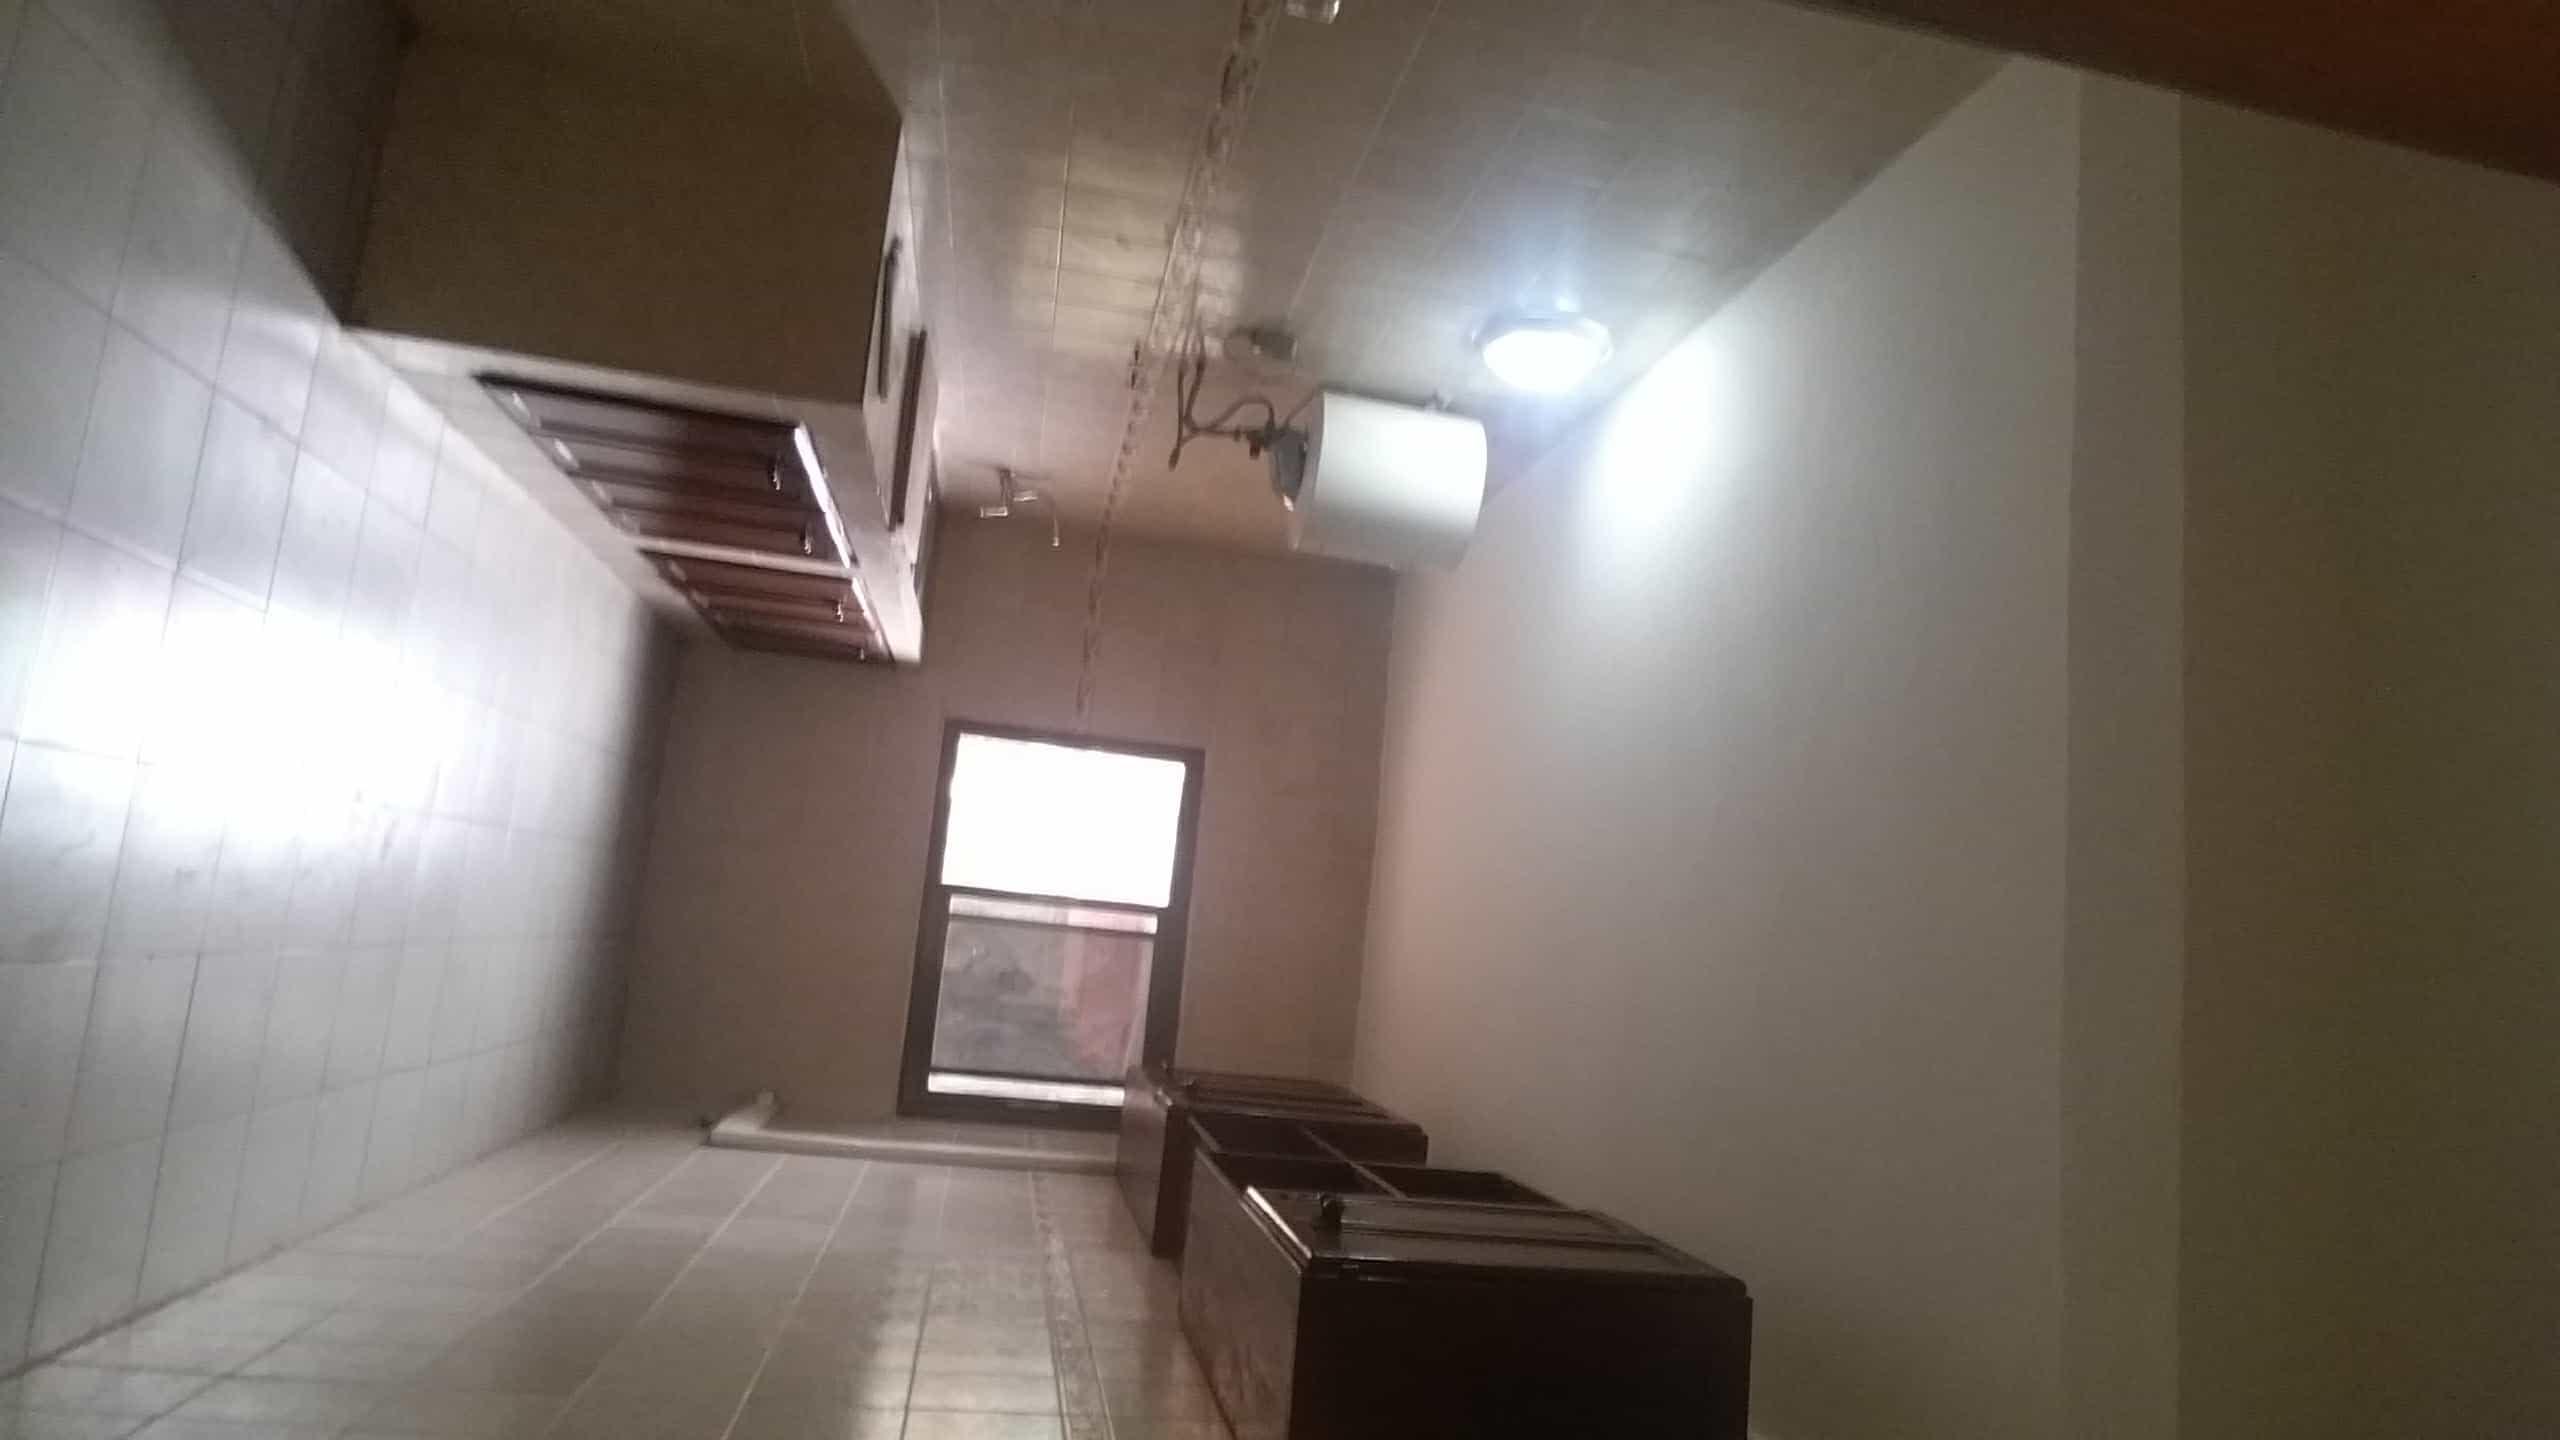 Apartment to rent - Yaoundé, Bastos, Golf (USA) - 2 living room(s), 3 bedroom(s), 3 bathroom(s) - 850 000 FCFA / month